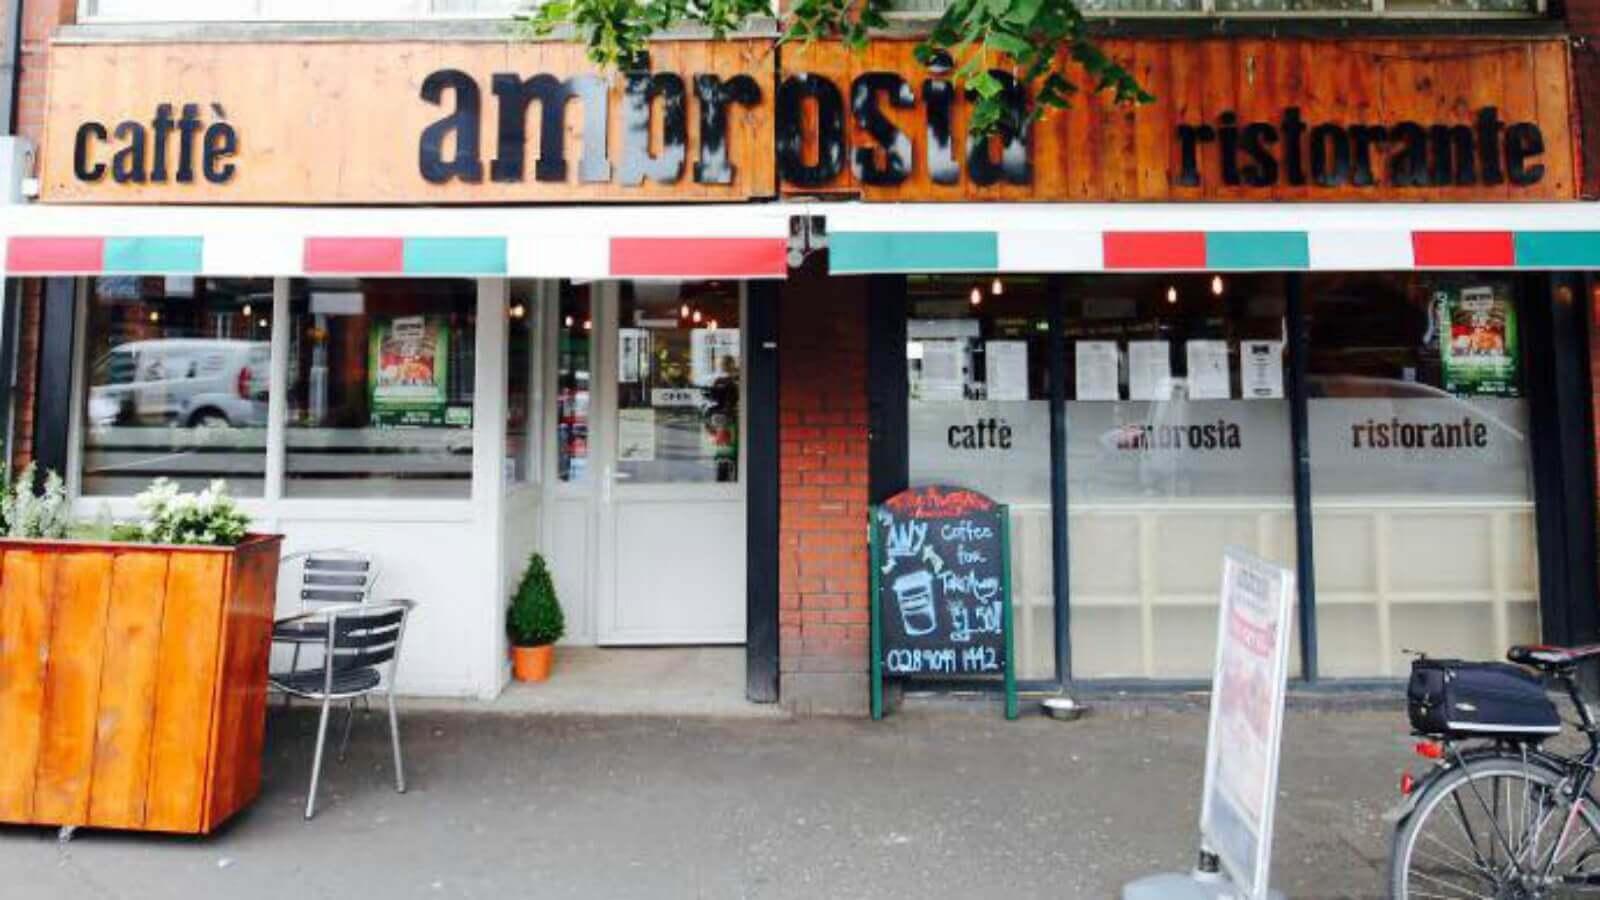 Ambrosia Caffe - Ristorante